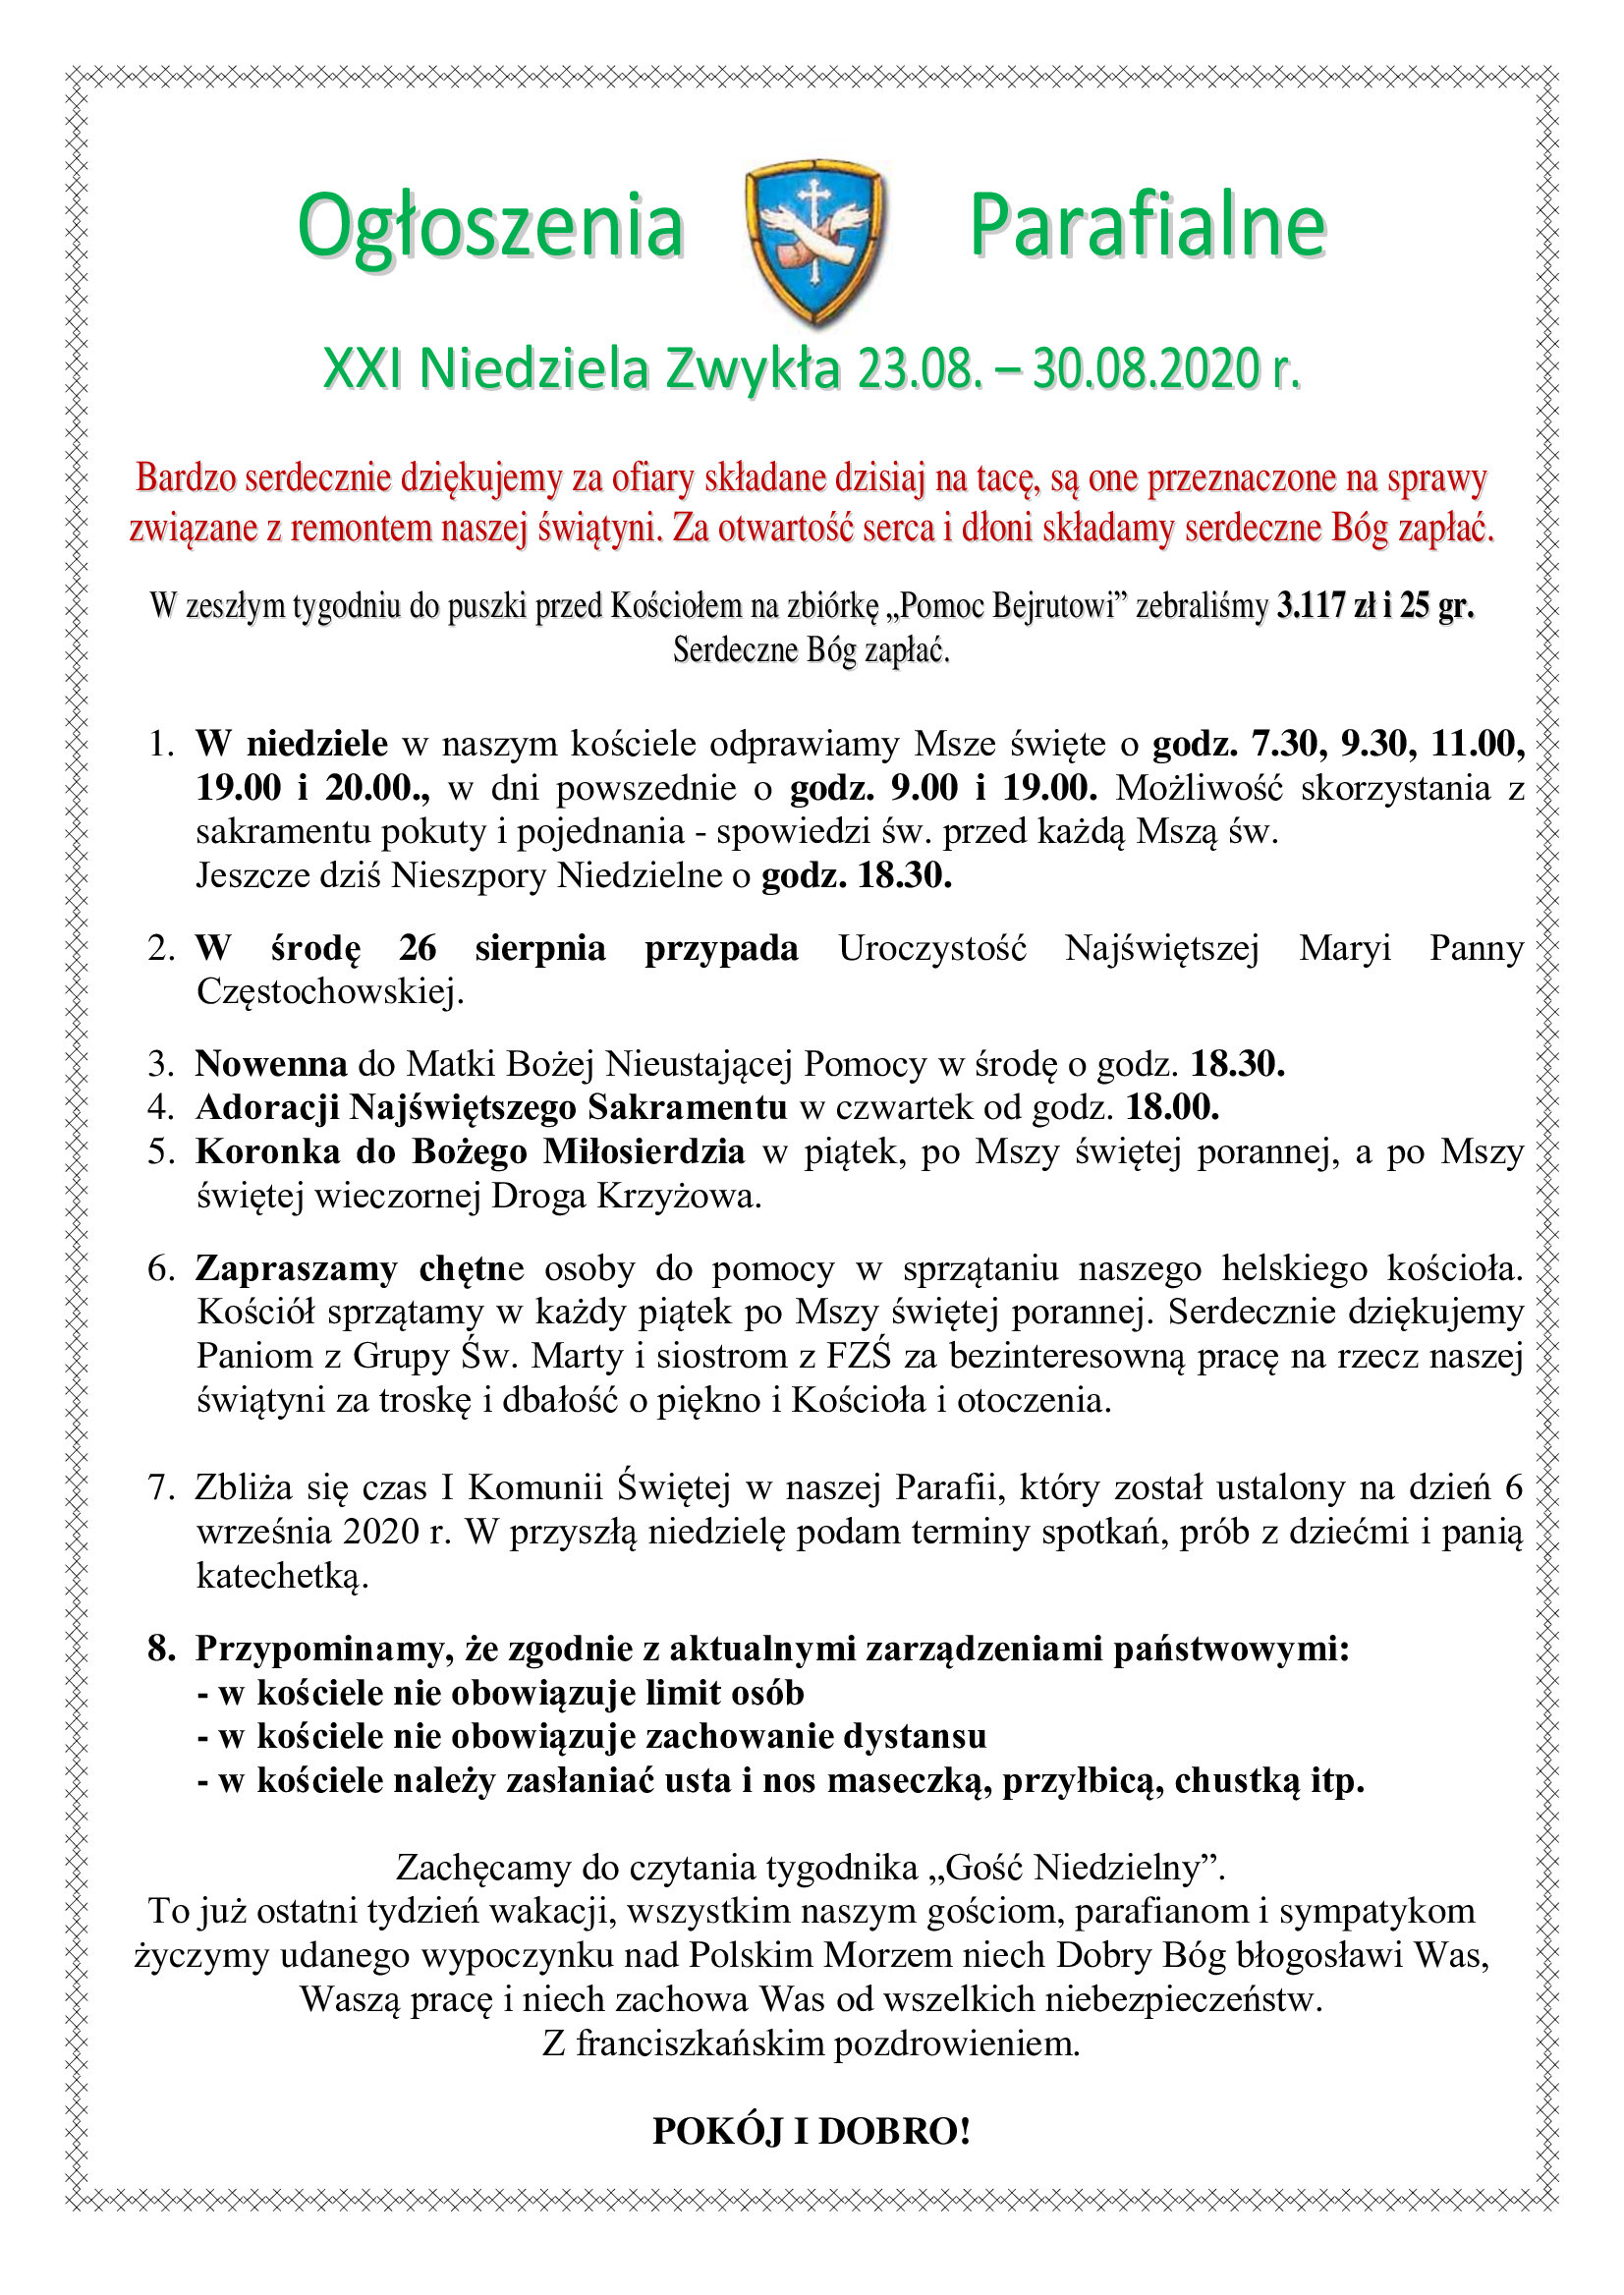 xxi-niedziela-zwykla-23-08-30-08-2020-r